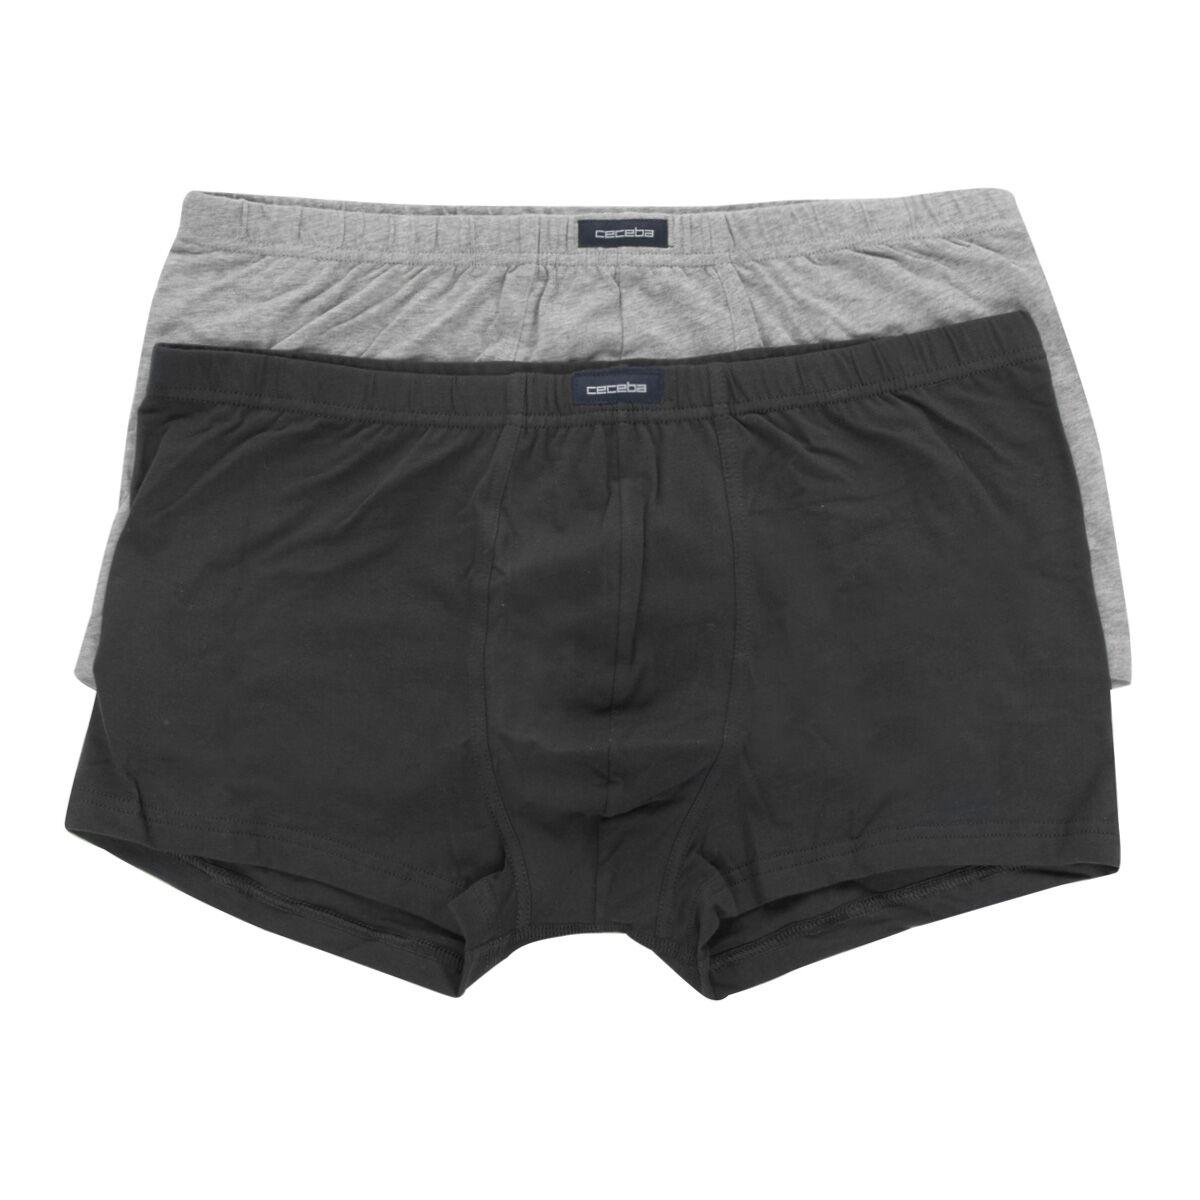 Ceceba Lot de 2 boxers Ceceba grande taille noir et gris;